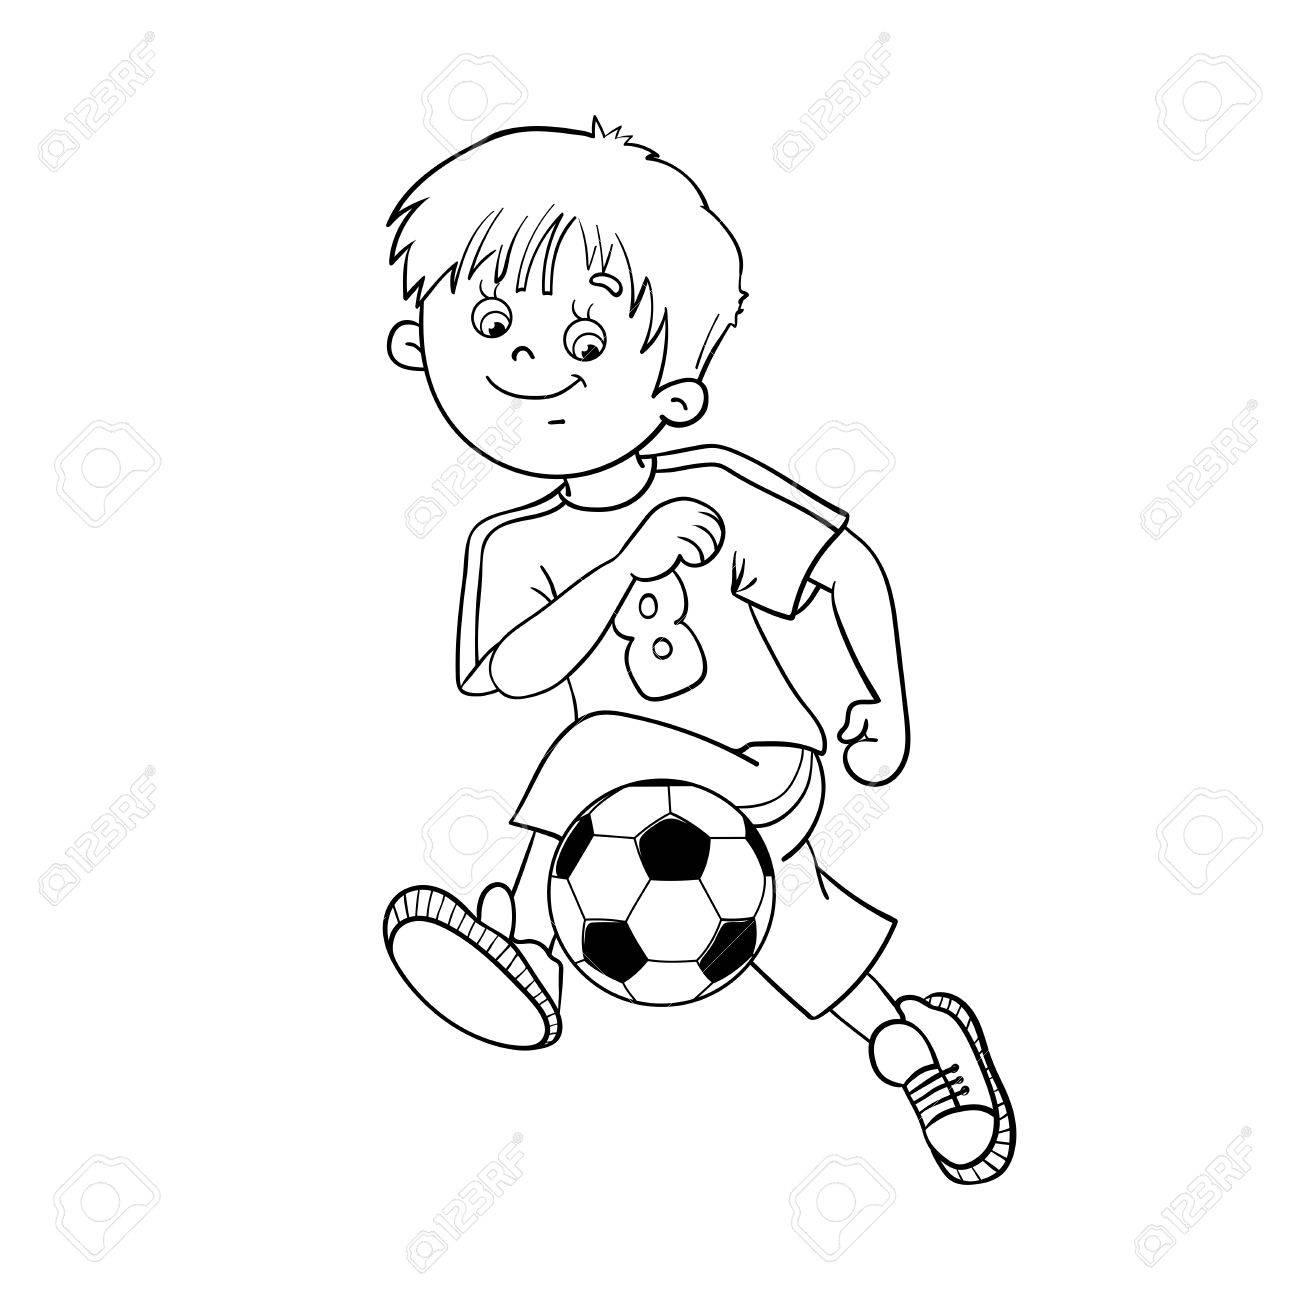 Página Para Colorear Esquema De Un Muchacho De Fútbol Ilustraciones ...